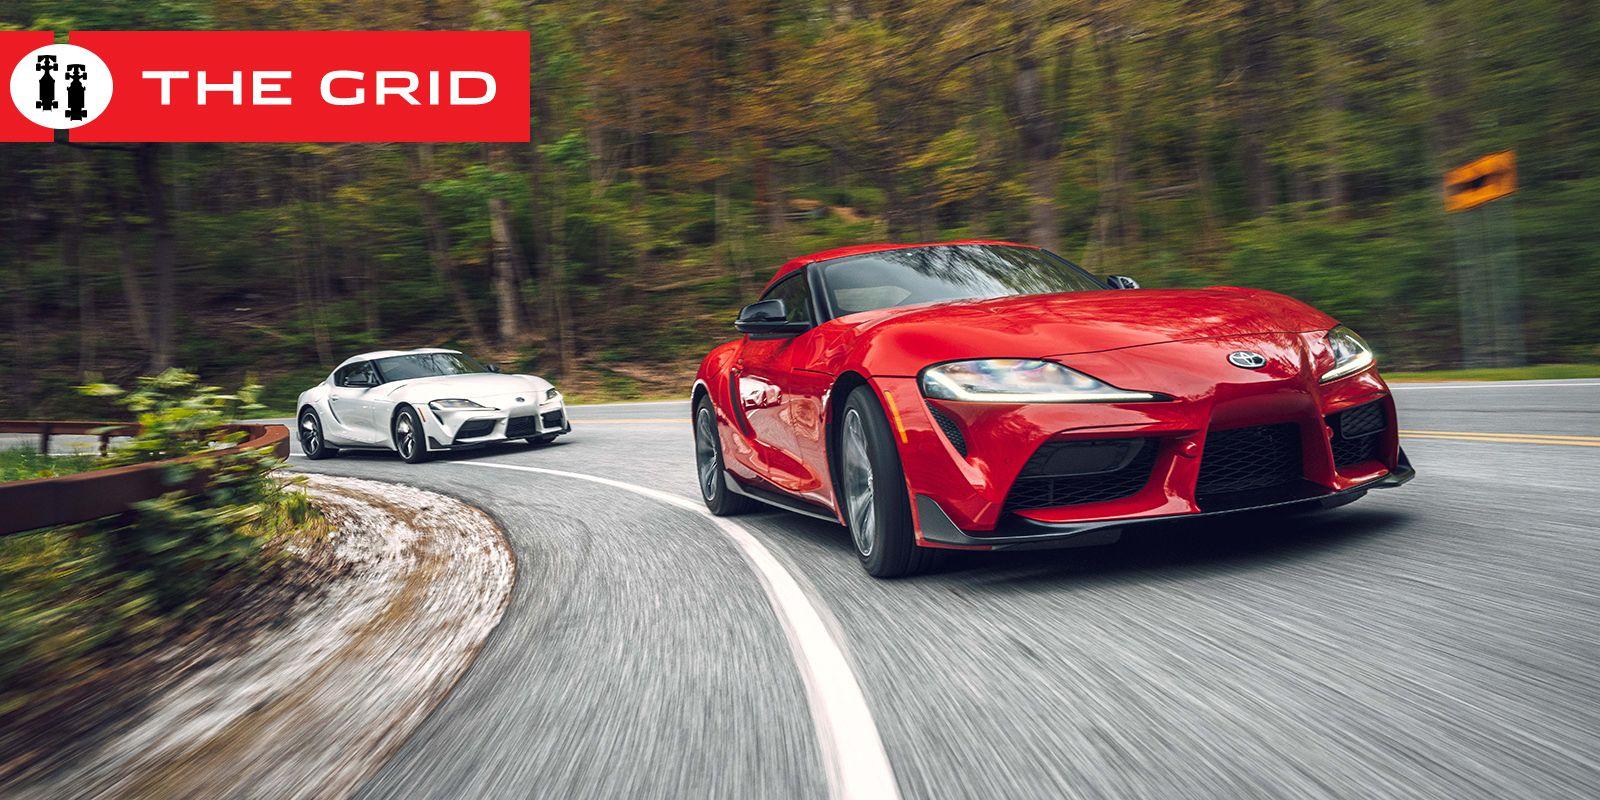 Kelebihan Bmw Z4 Toyota Supra Top Model Tahun Ini